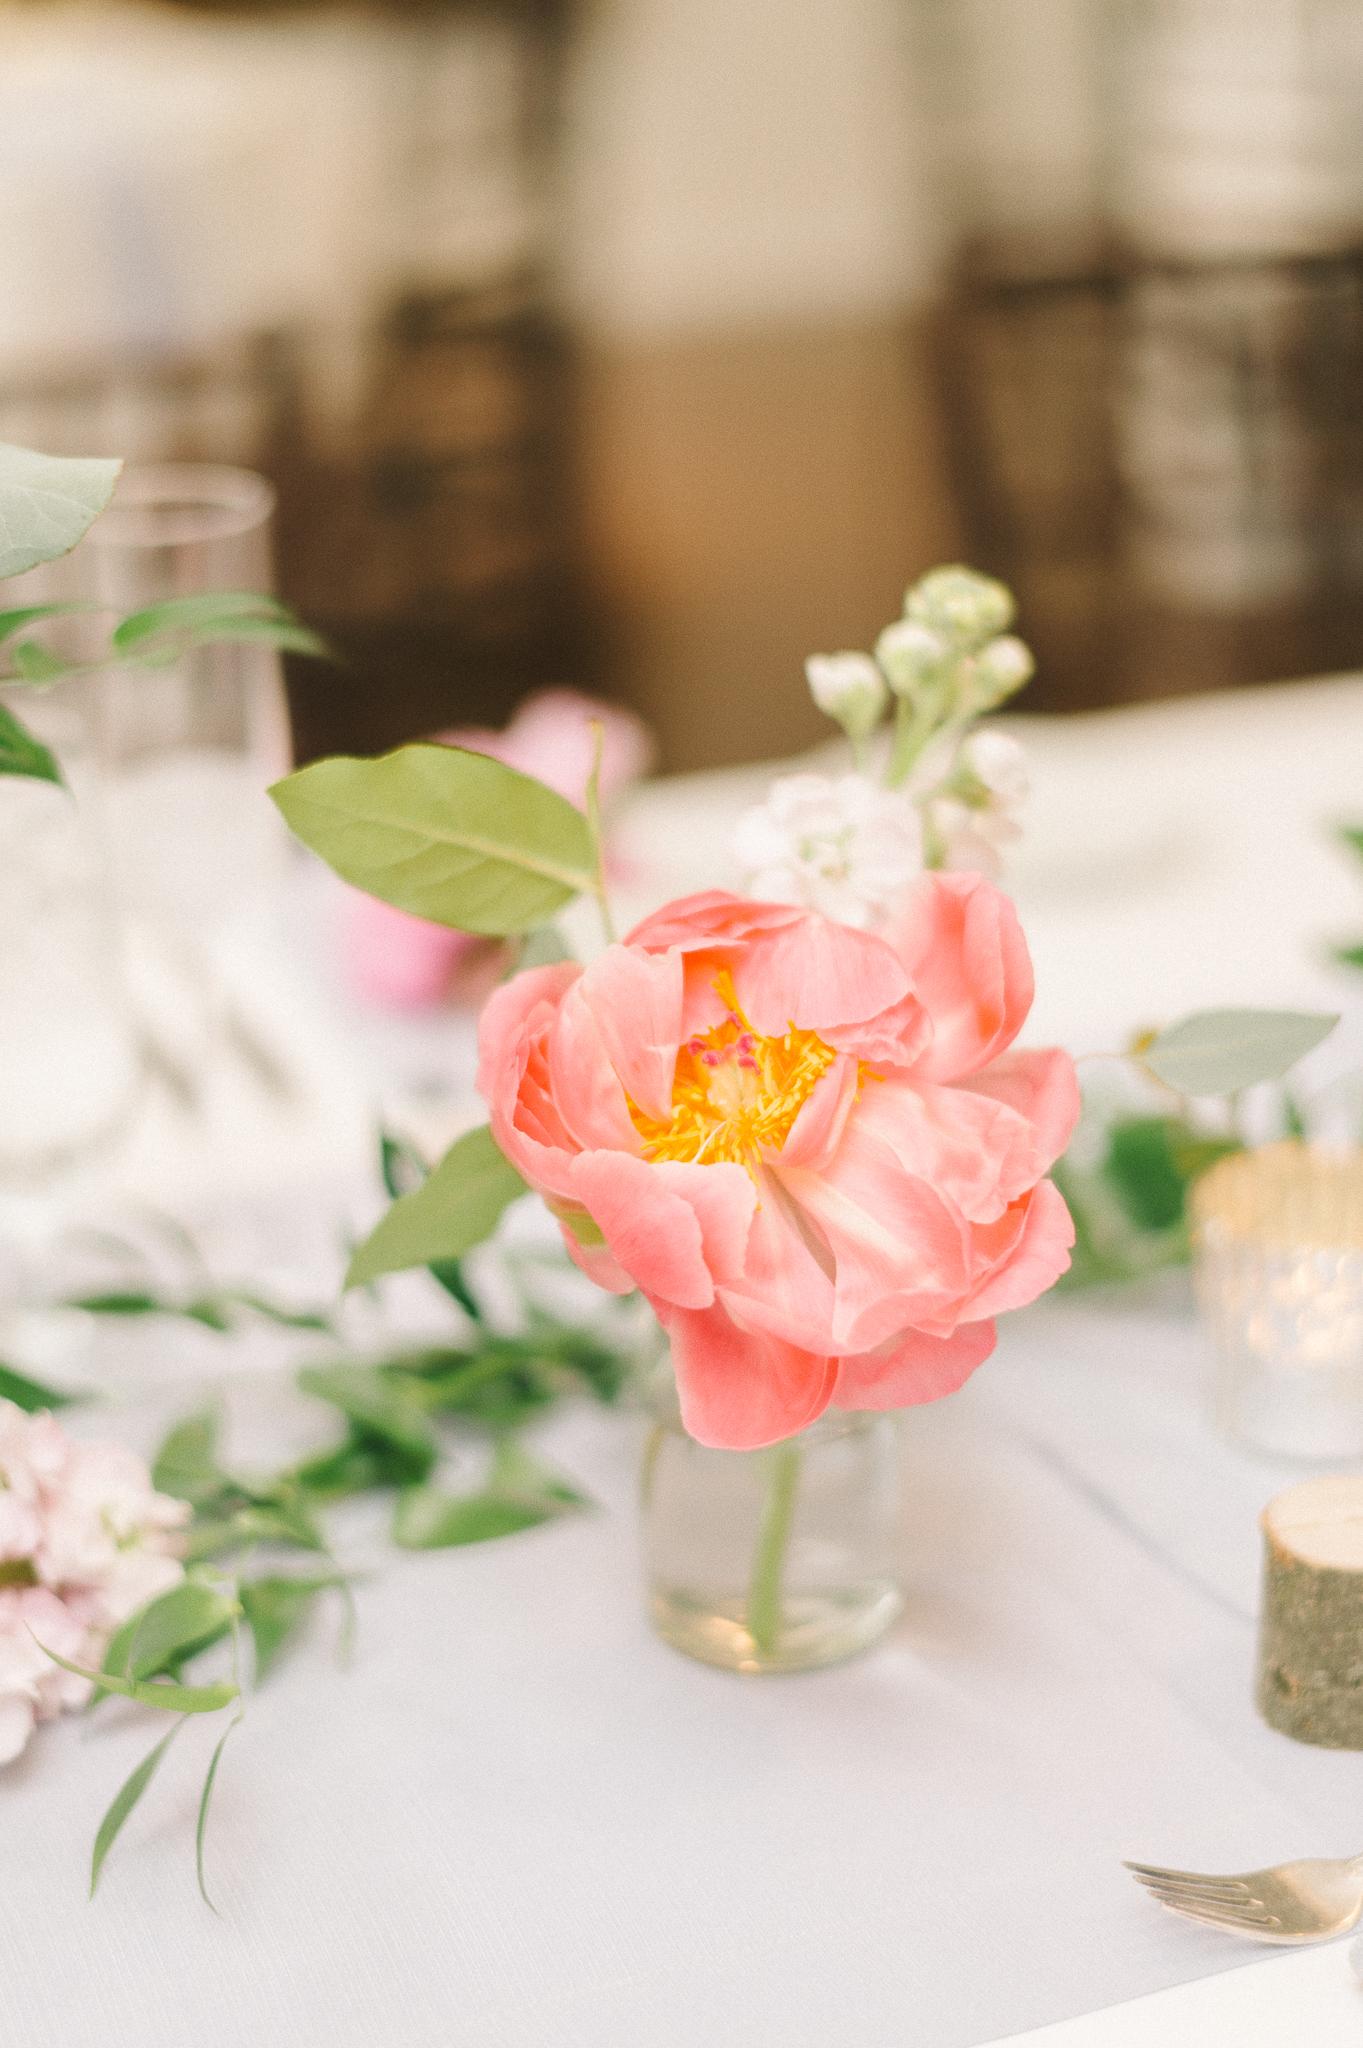 Elizabeth-Fogarty-Wedding-Photography-179.jpg